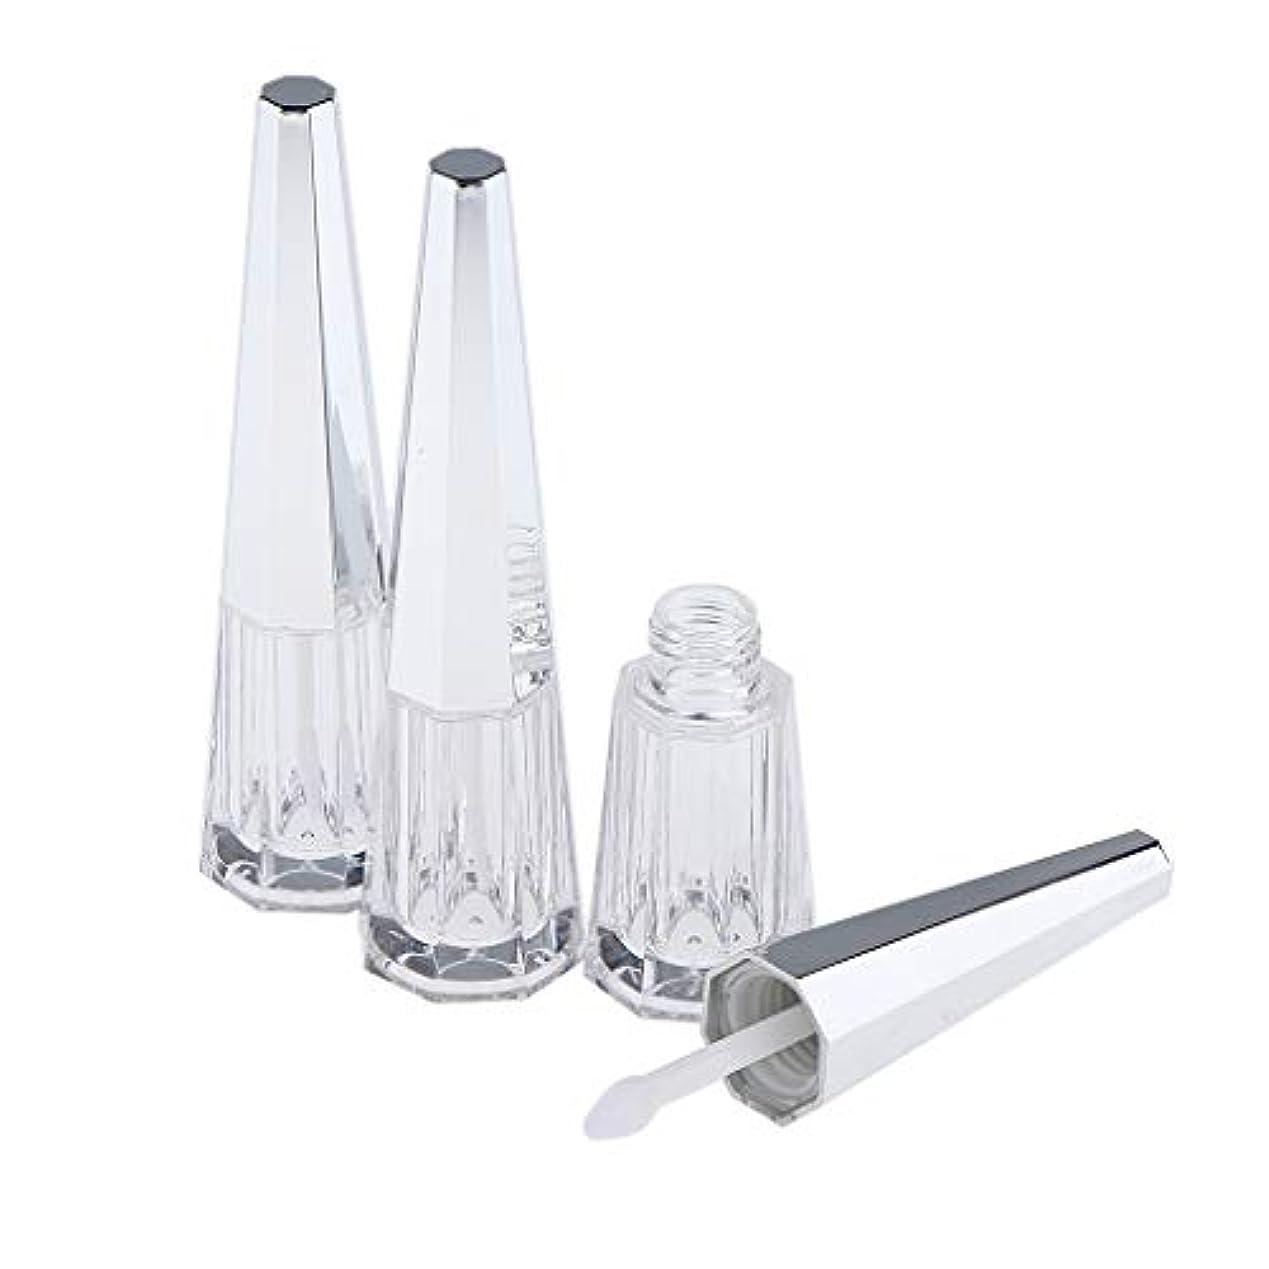 ピグマリオン亡命歌手3本 リップグロスボトル 手作り コスメ ボトル 詰替え容器